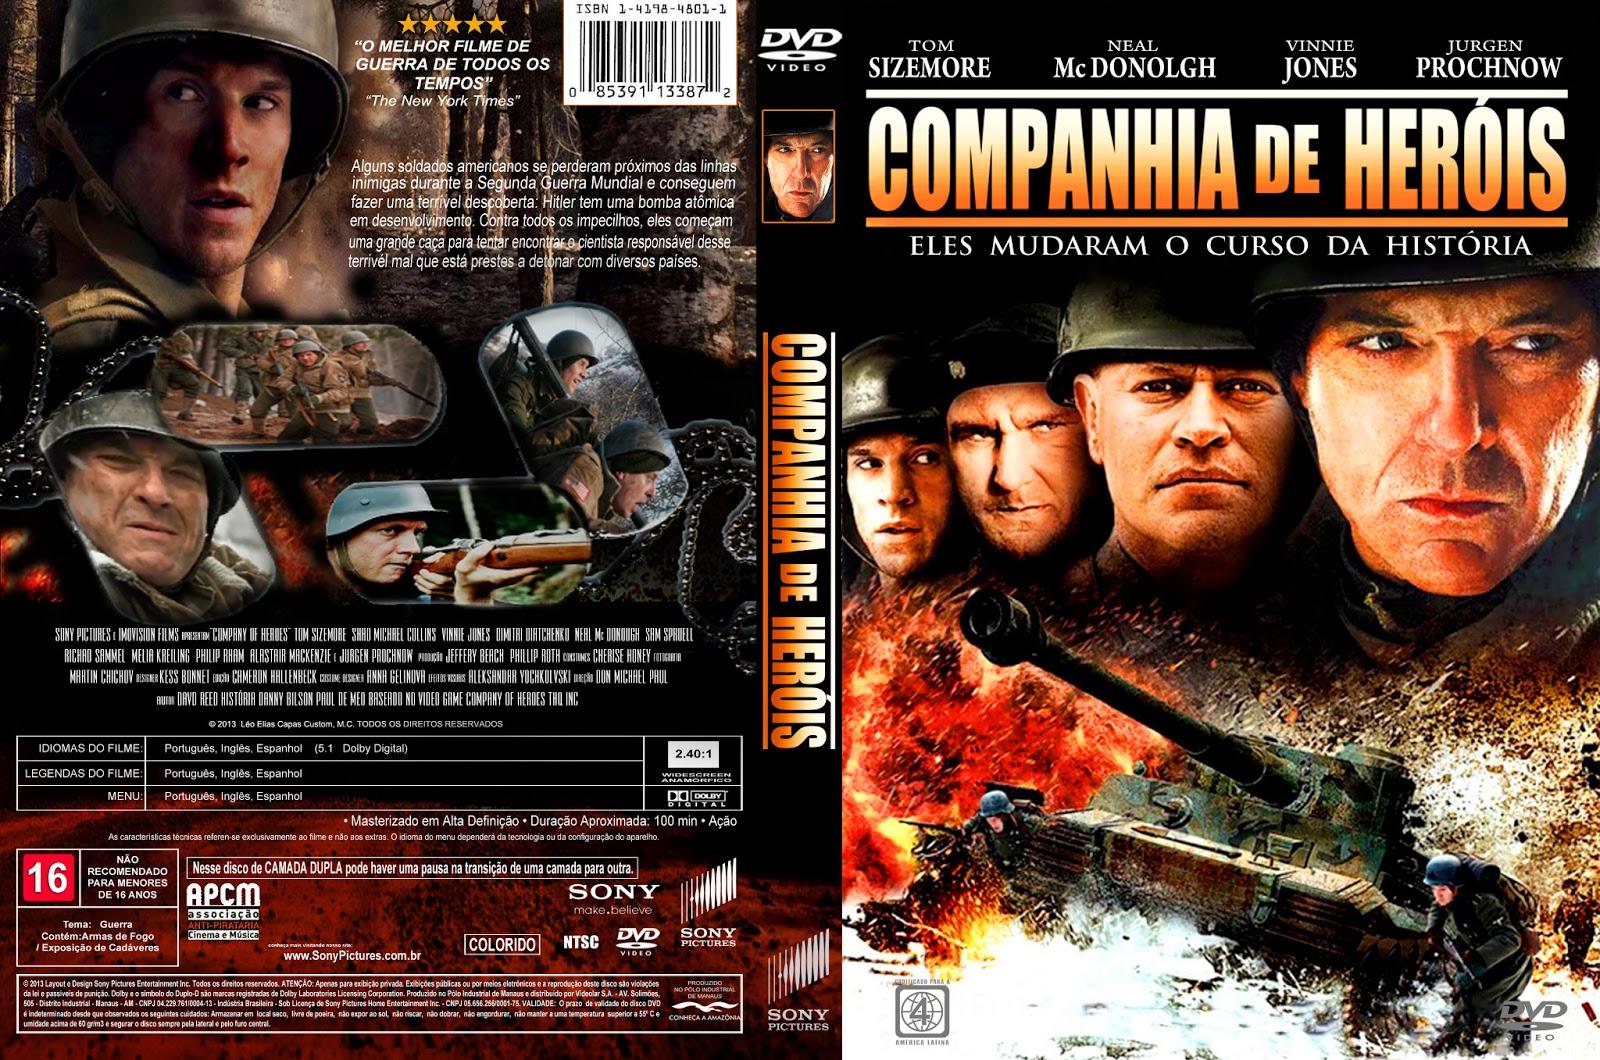 filme companhia de herois clique aqui para assistir o filme capa filme